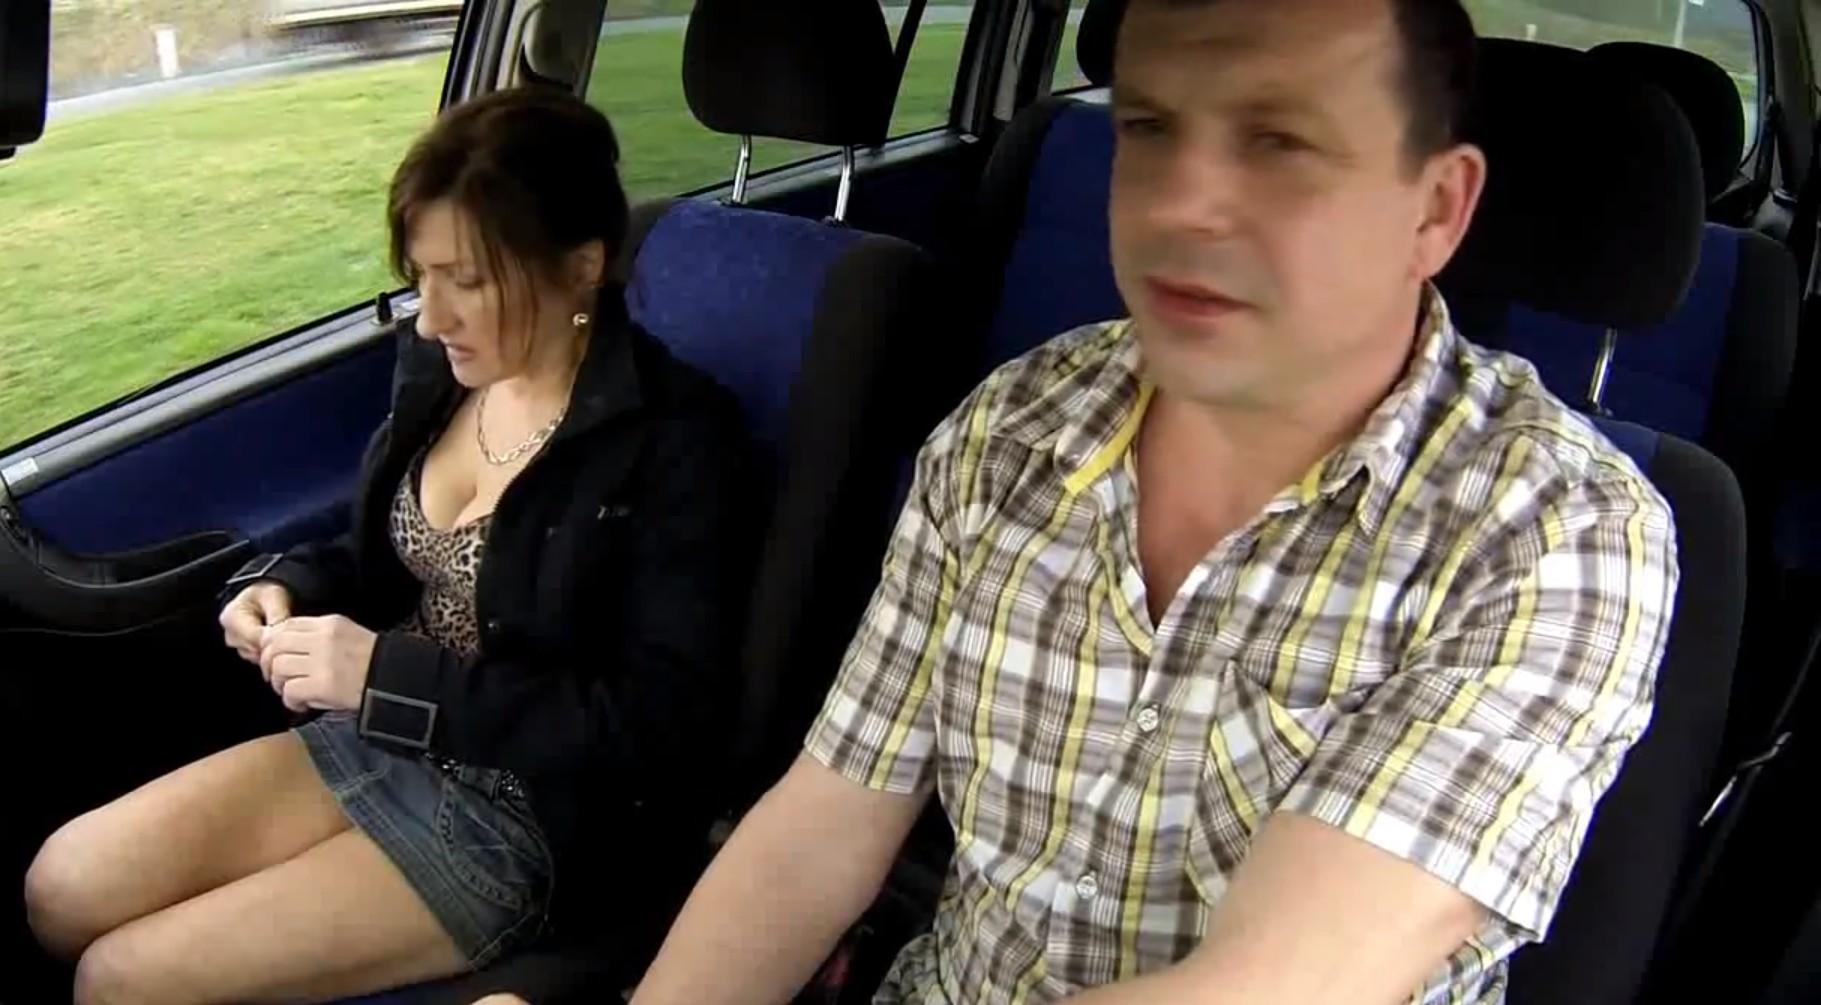 Czech milf fucked hard in car